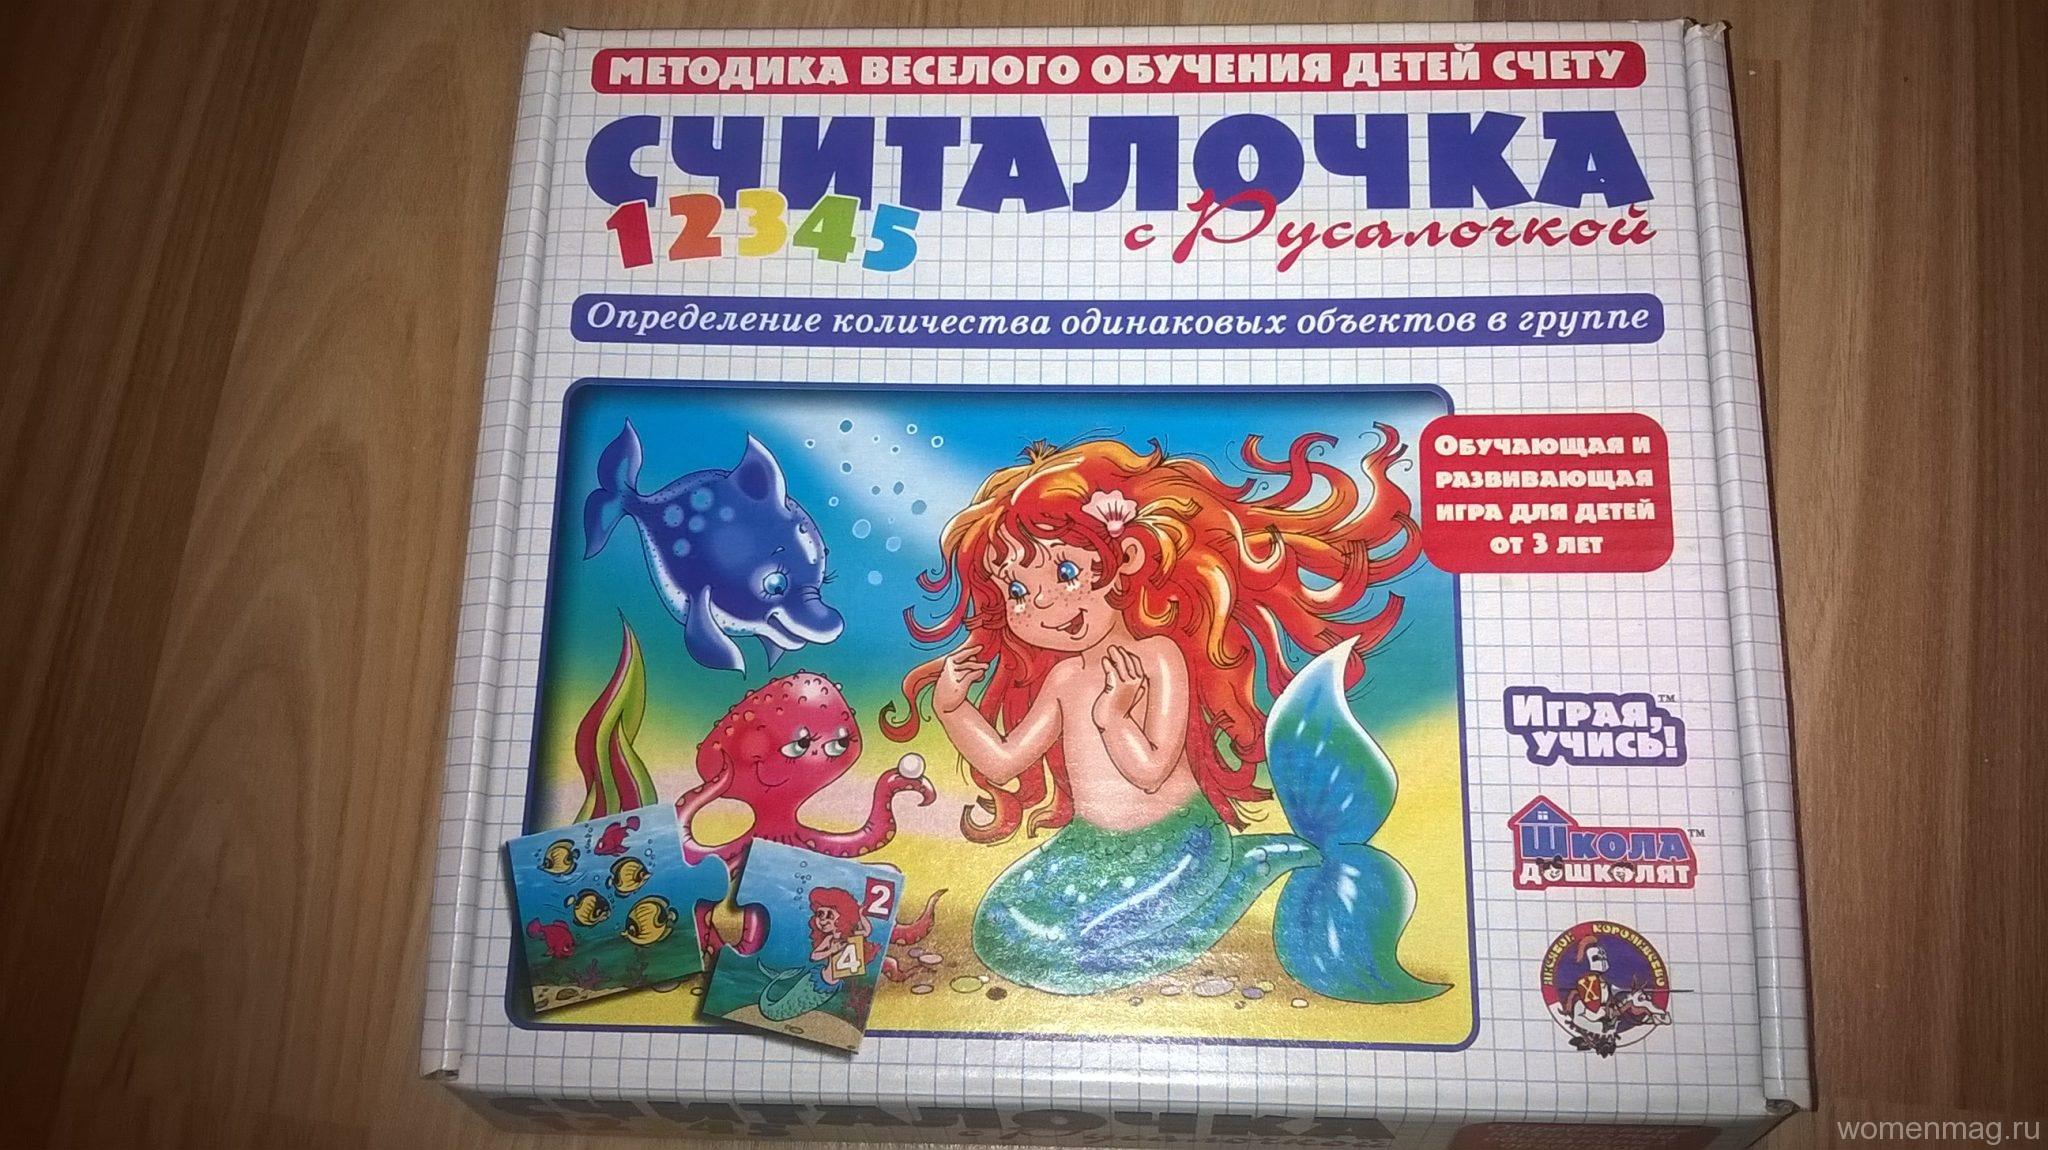 Обзор обучающей и развивающей игры для детей от 3 лет «Считалочка с русалочкой». Определение количества одинаковых объектов в группе. Отзыв